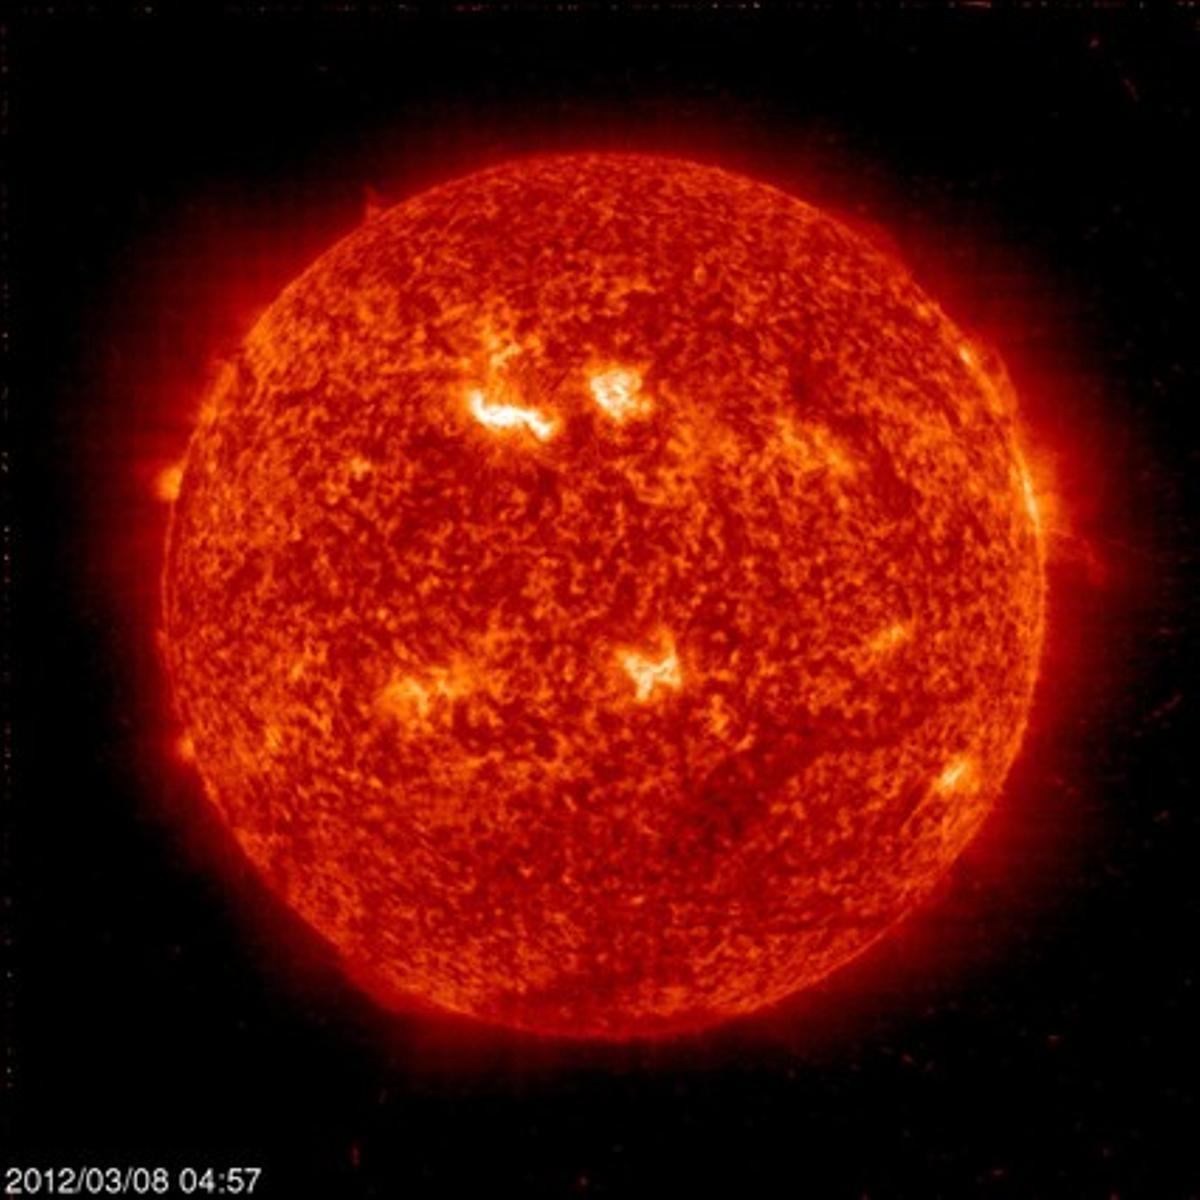 Imagen del Sol tomada por la NASA.